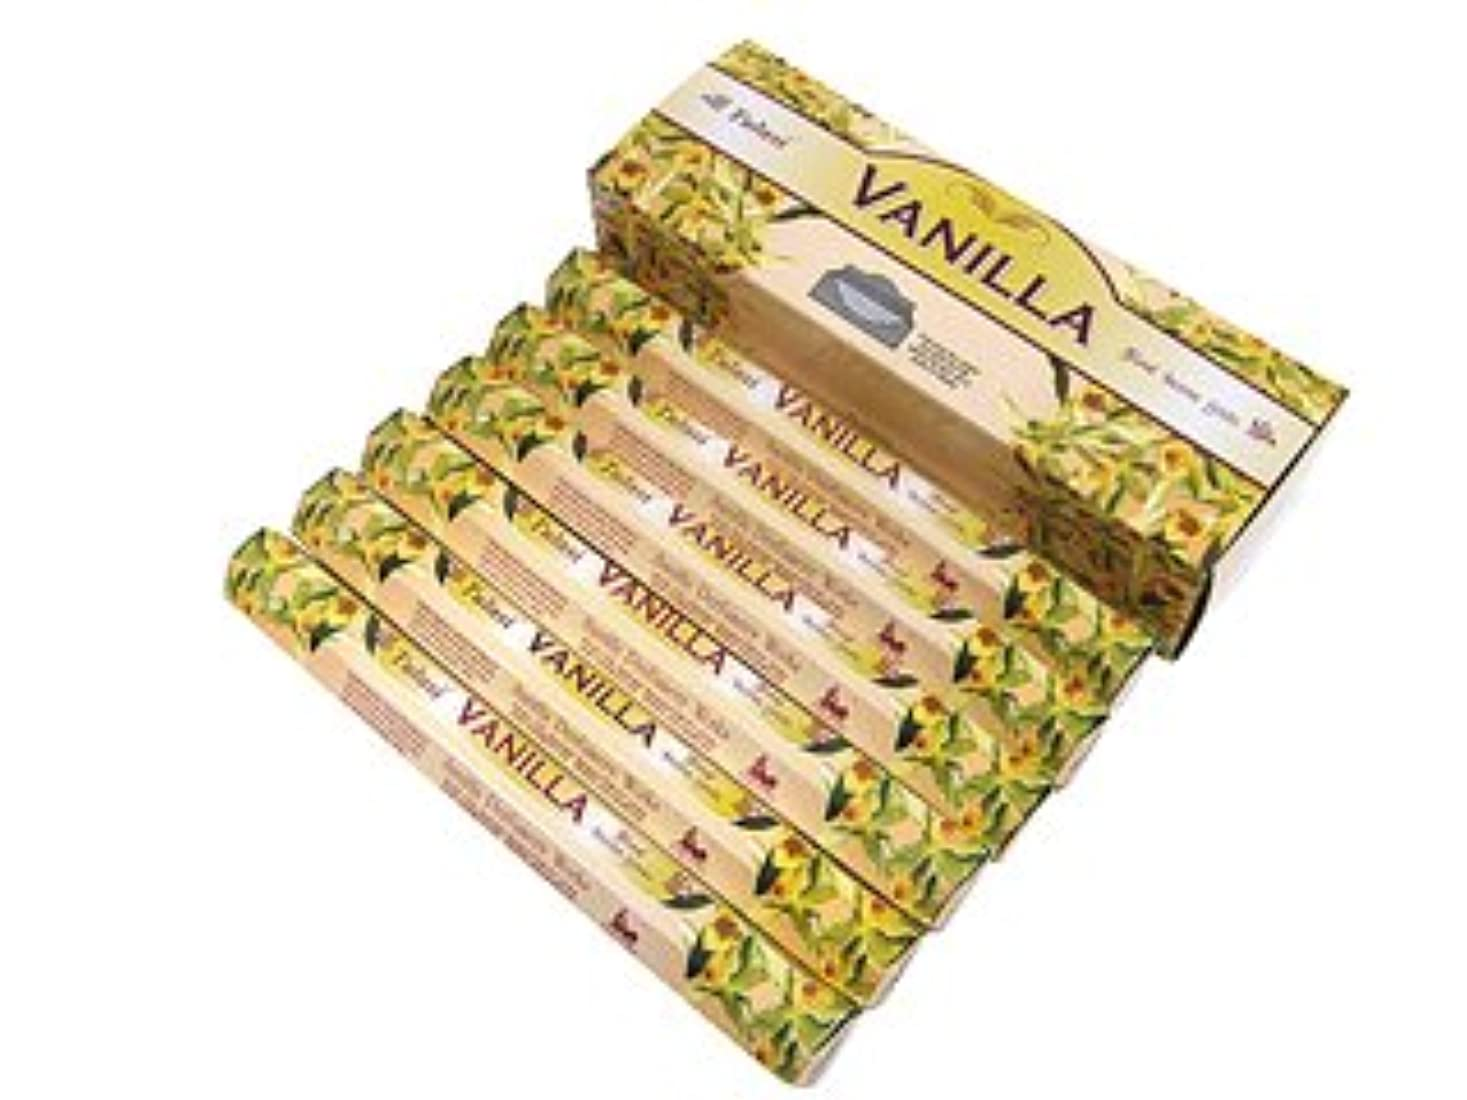 アンドリューハリディ前売微妙TULASI(トゥラシ) バニラ香 スティック VANILLA 6箱セット